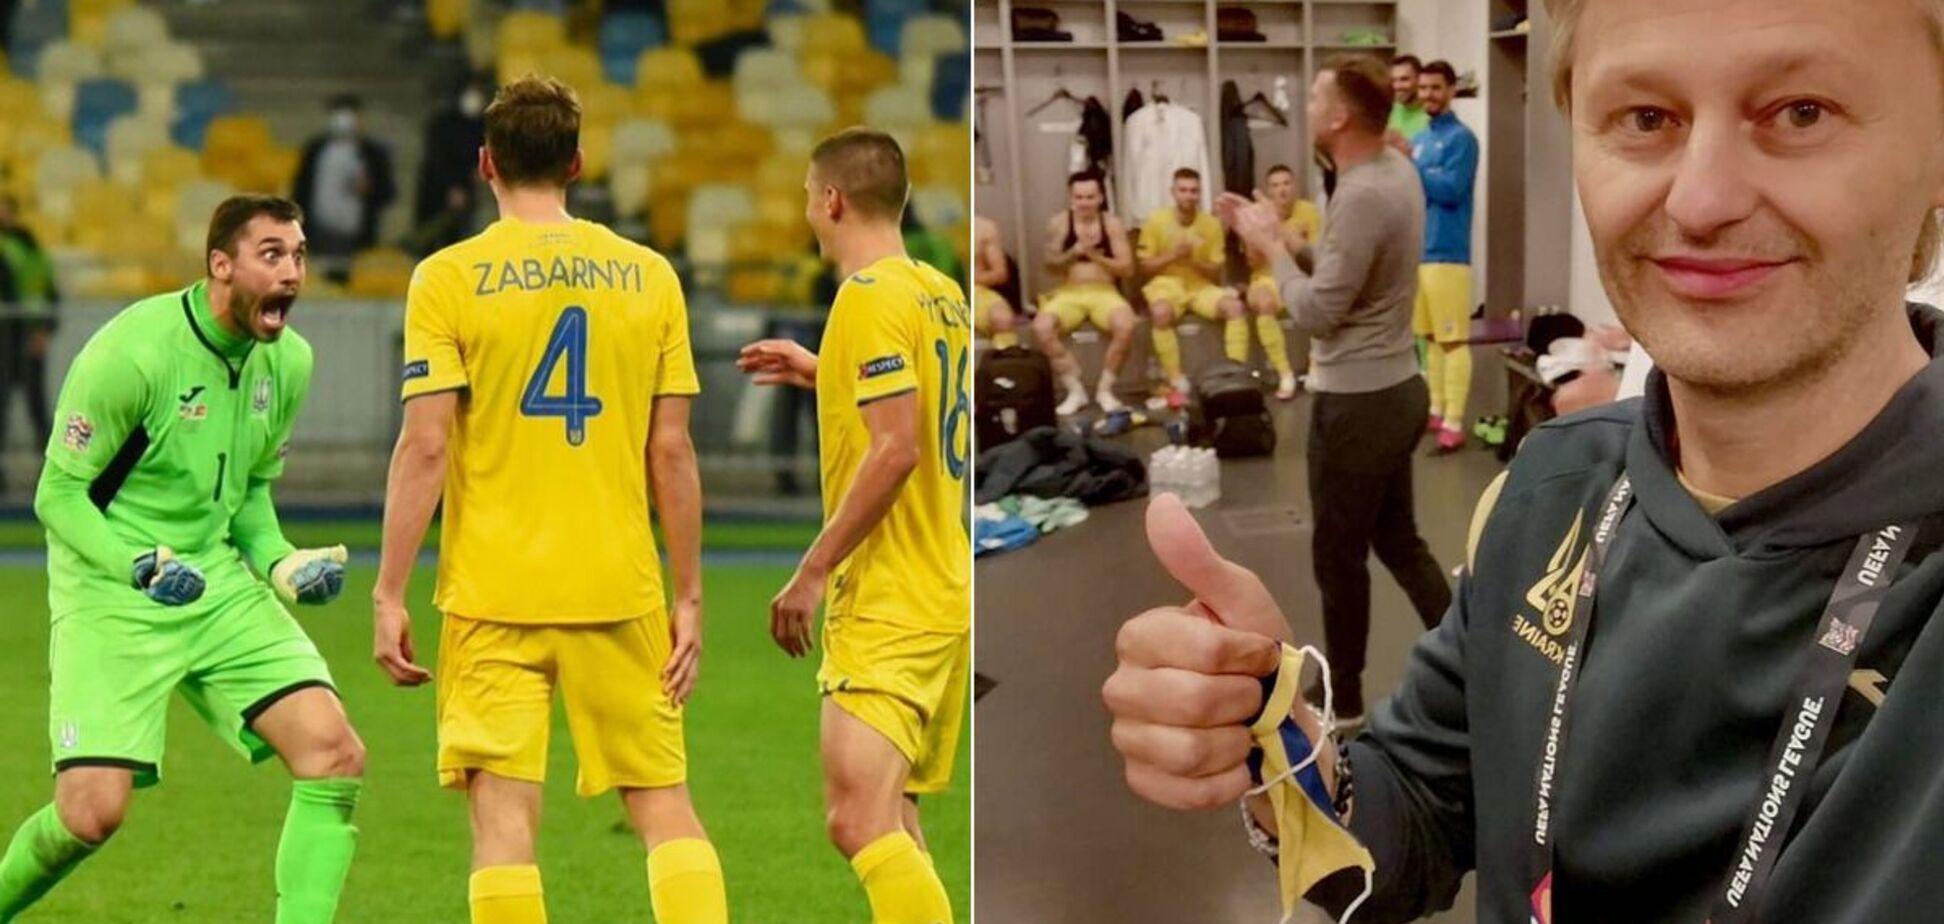 Появились фото из раздевалки сборной Украины после победы над Испанией